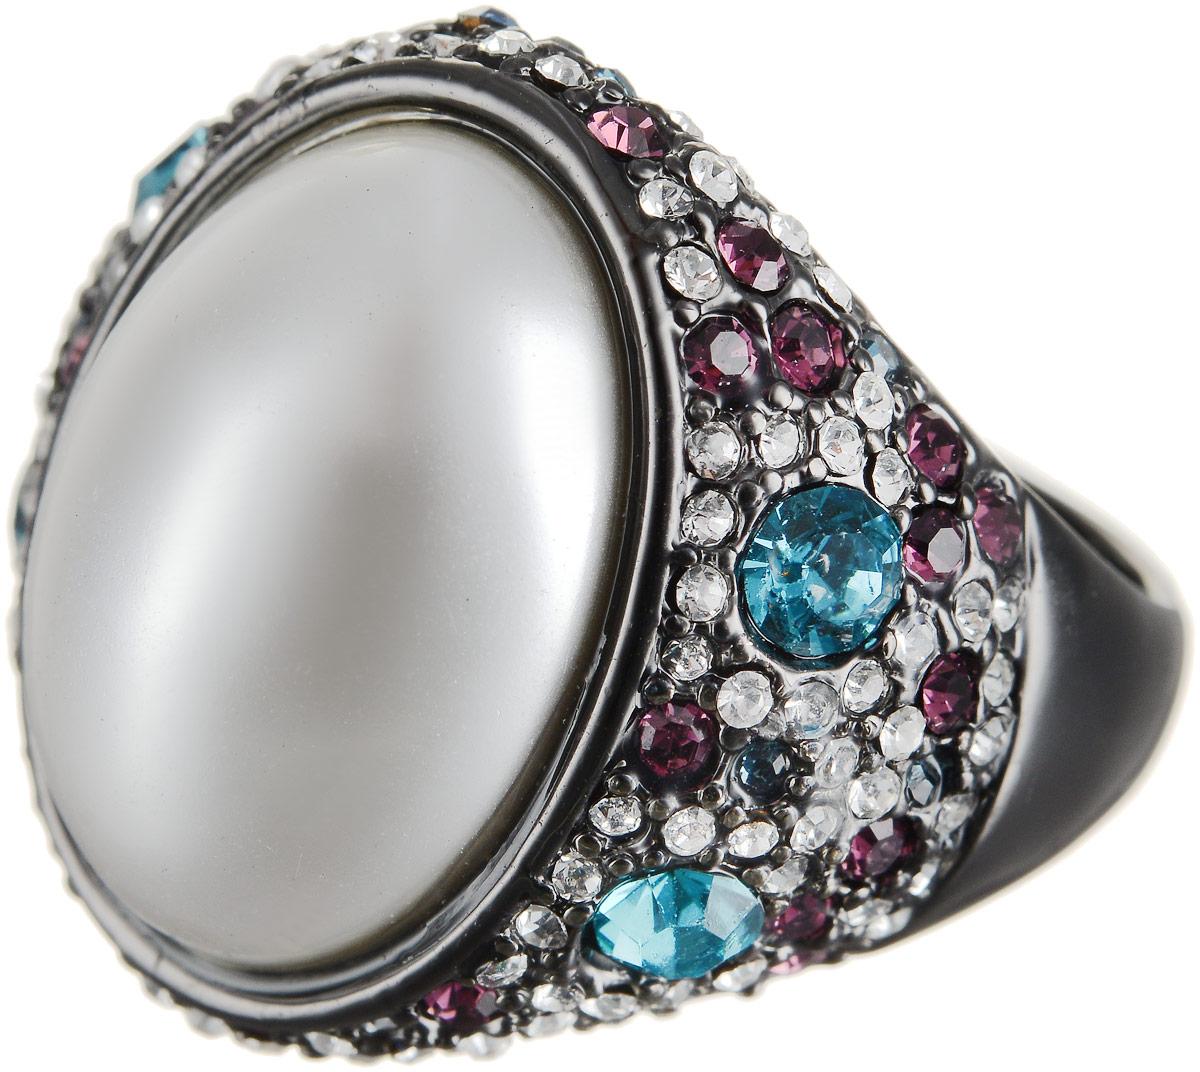 Кольцо Art-Silver, цвет: черный, перламутровый. 066079-601-1202. Размер 17,5Коктейльное кольцоОригинальное кольцо Art-Silver выполнено из бижутерного сплава с гальваническим покрытием. Кольцо украшено декоративными вставками.Элегантное кольцо Art-Silver превосходно дополнит ваш образ и подчеркнет отменное чувство стиля своей обладательницы.